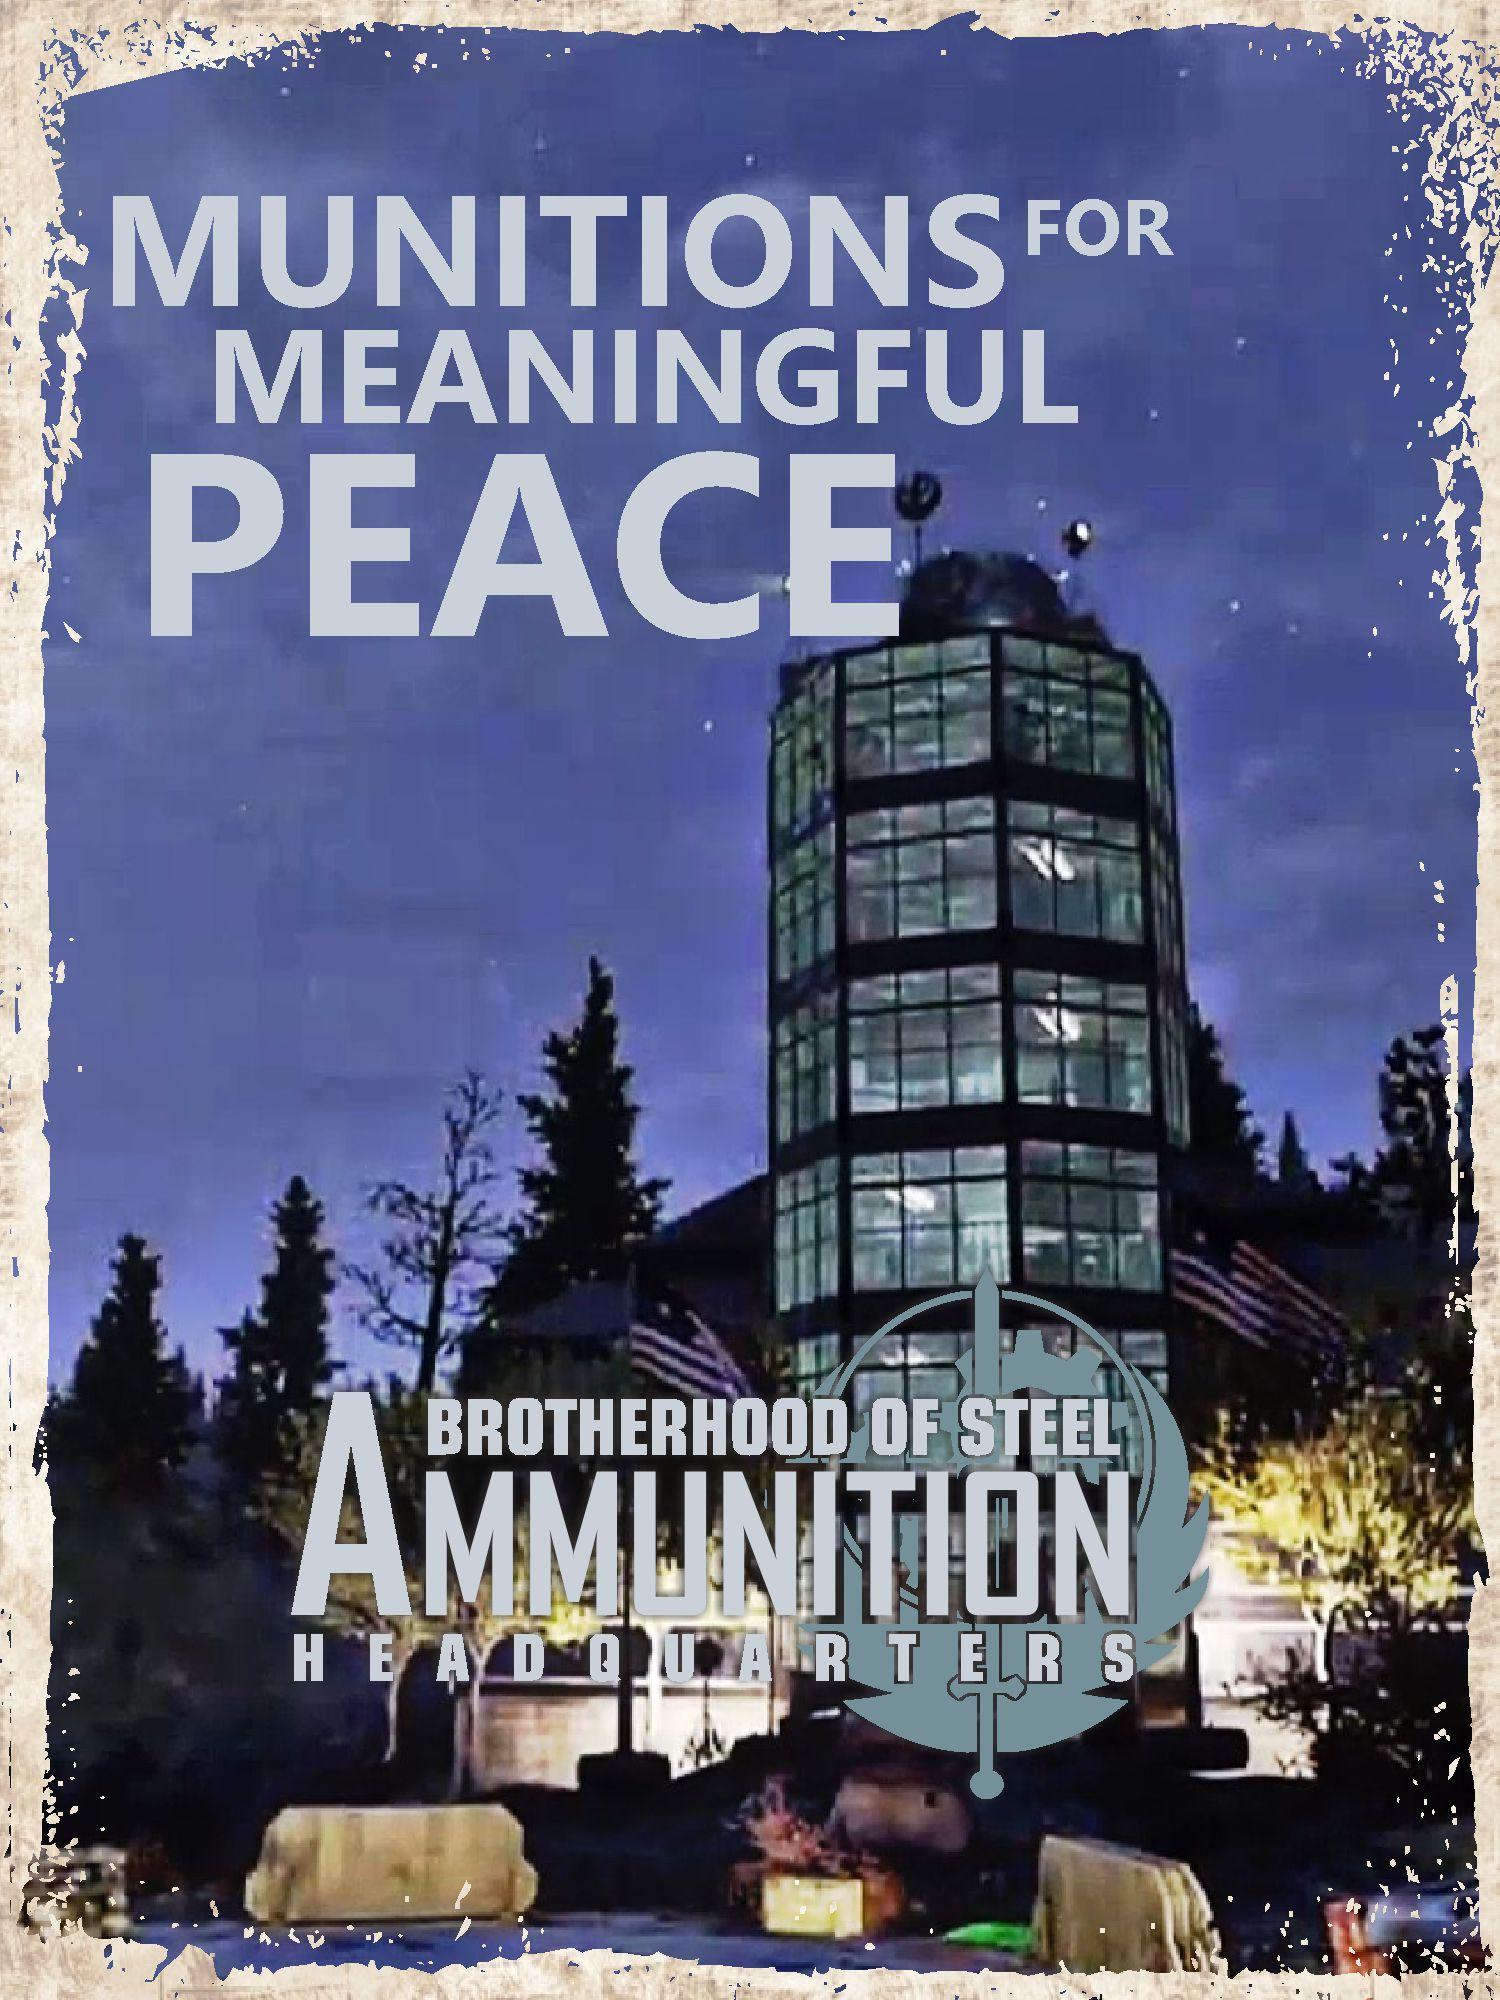 BoS Ammunition HQ